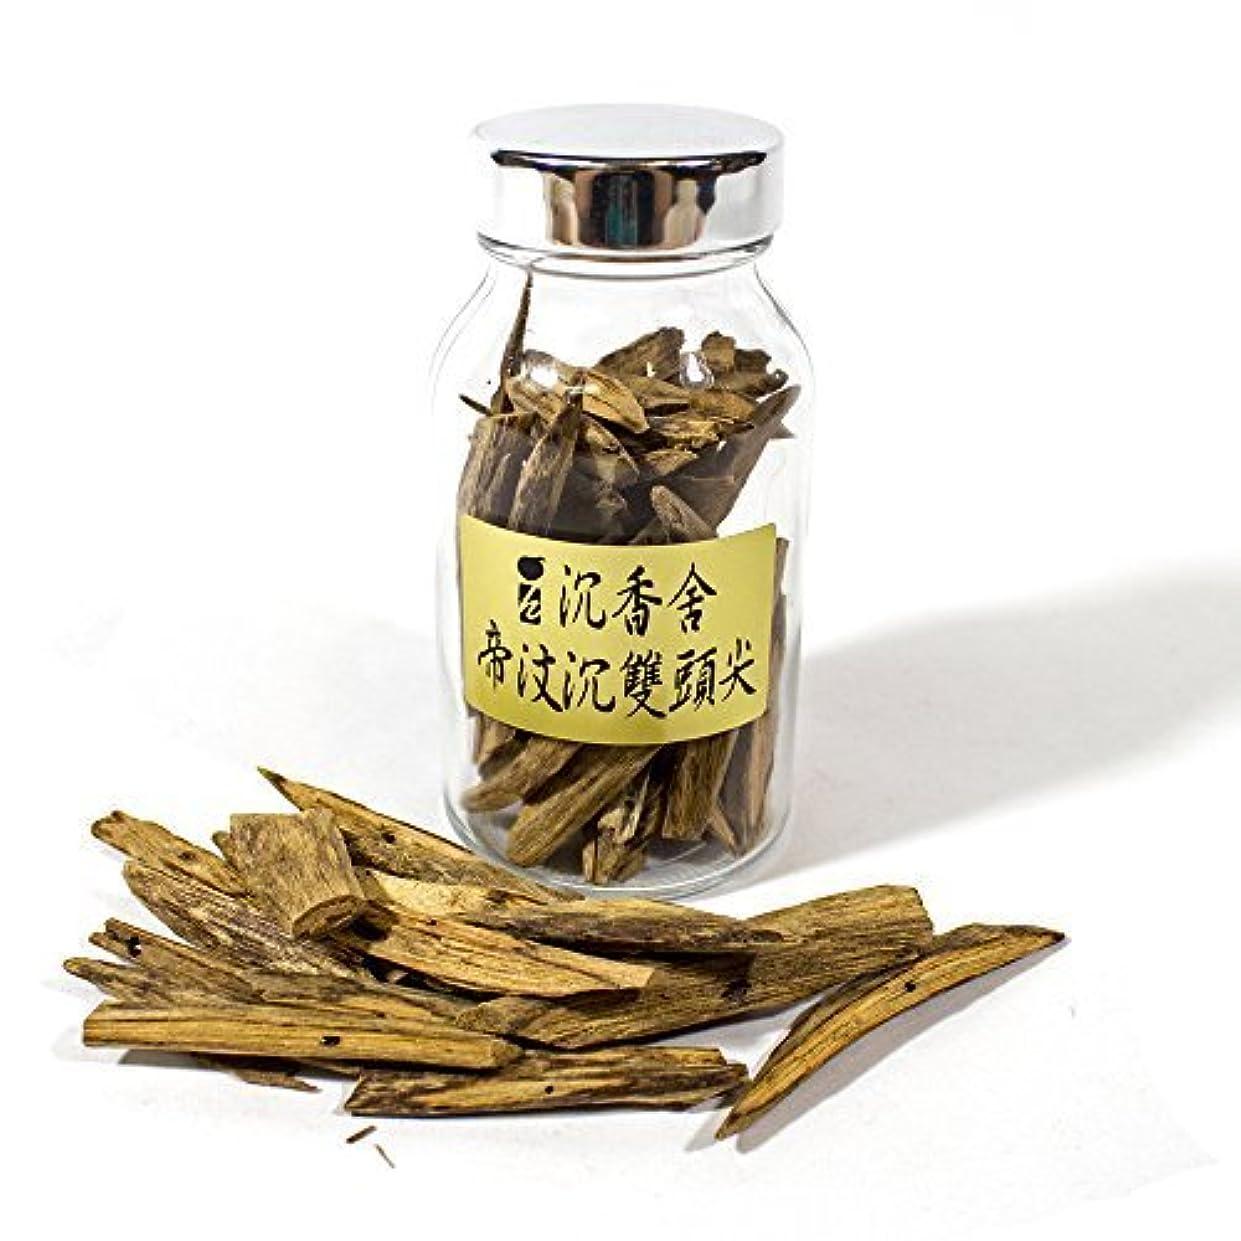 所有権臨検パッドAgarwood Aloeswood Chip Scrap - TiMor Island 20g Collection Grade by IncenseHouse - Raw Material [並行輸入品]